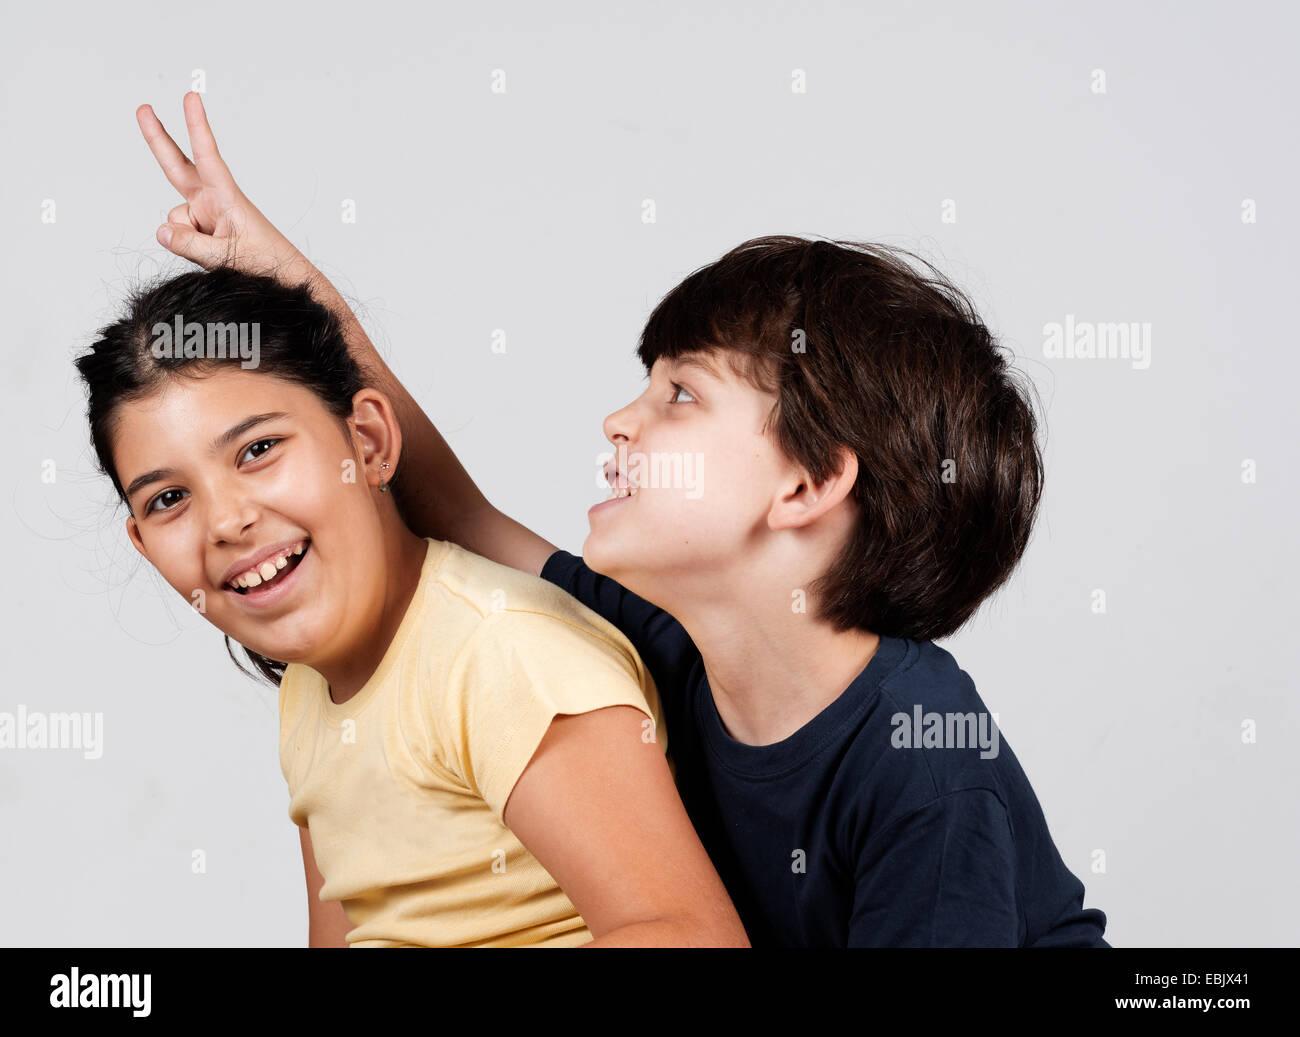 Jungen und Mädchen spielen, junge junge hält Finger als Hasenohren Stockbild